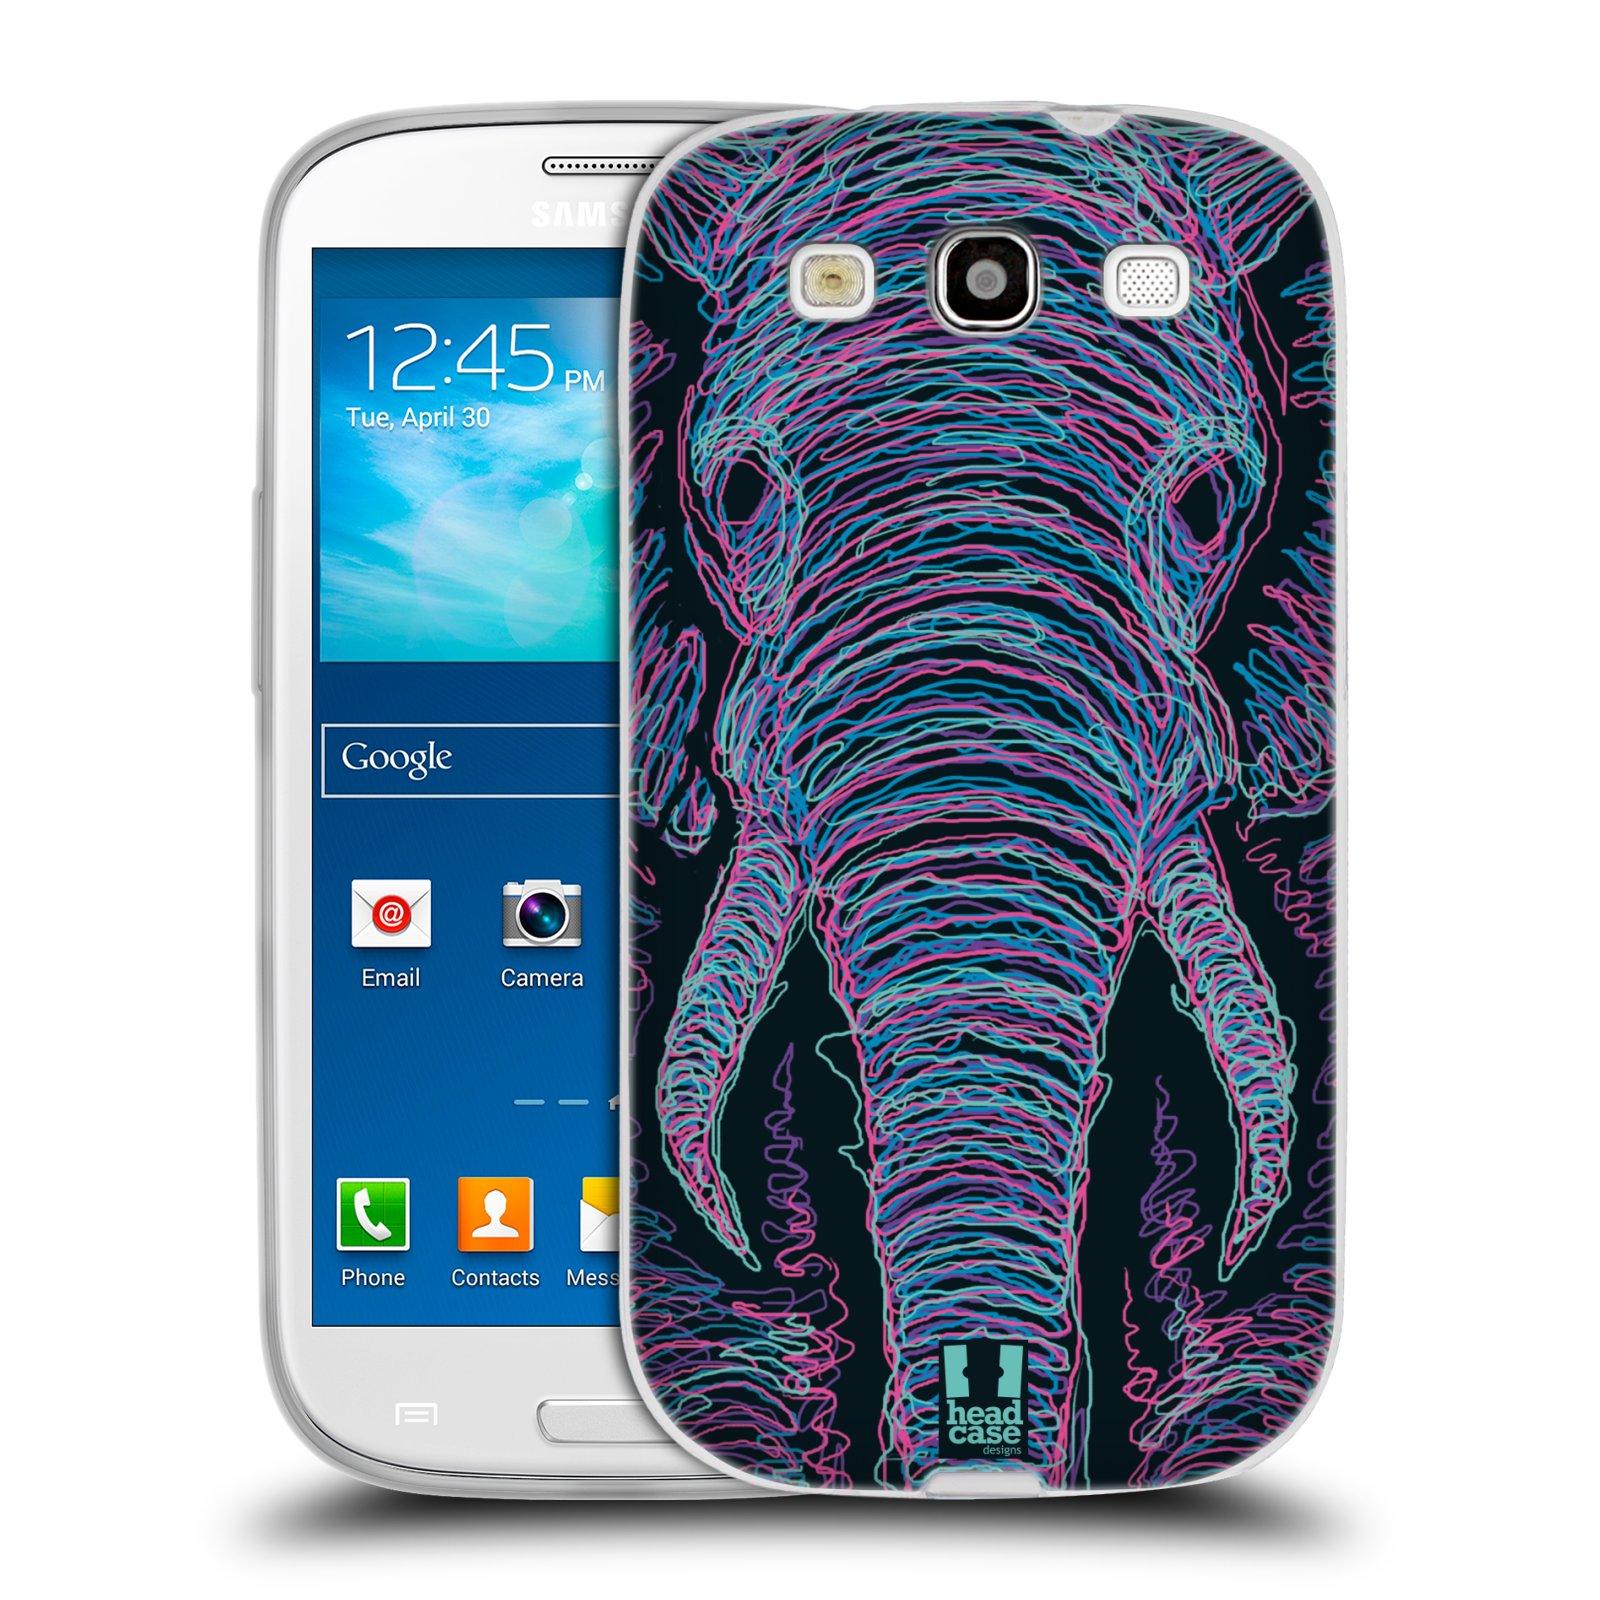 Silikonové pouzdro na mobil Samsung Galaxy S3 Neo HEAD CASE SCRIBBLE SLON (Silikonový kryt či obal na mobilní telefon Samsung Galaxy S3 Neo GT-i9301i)